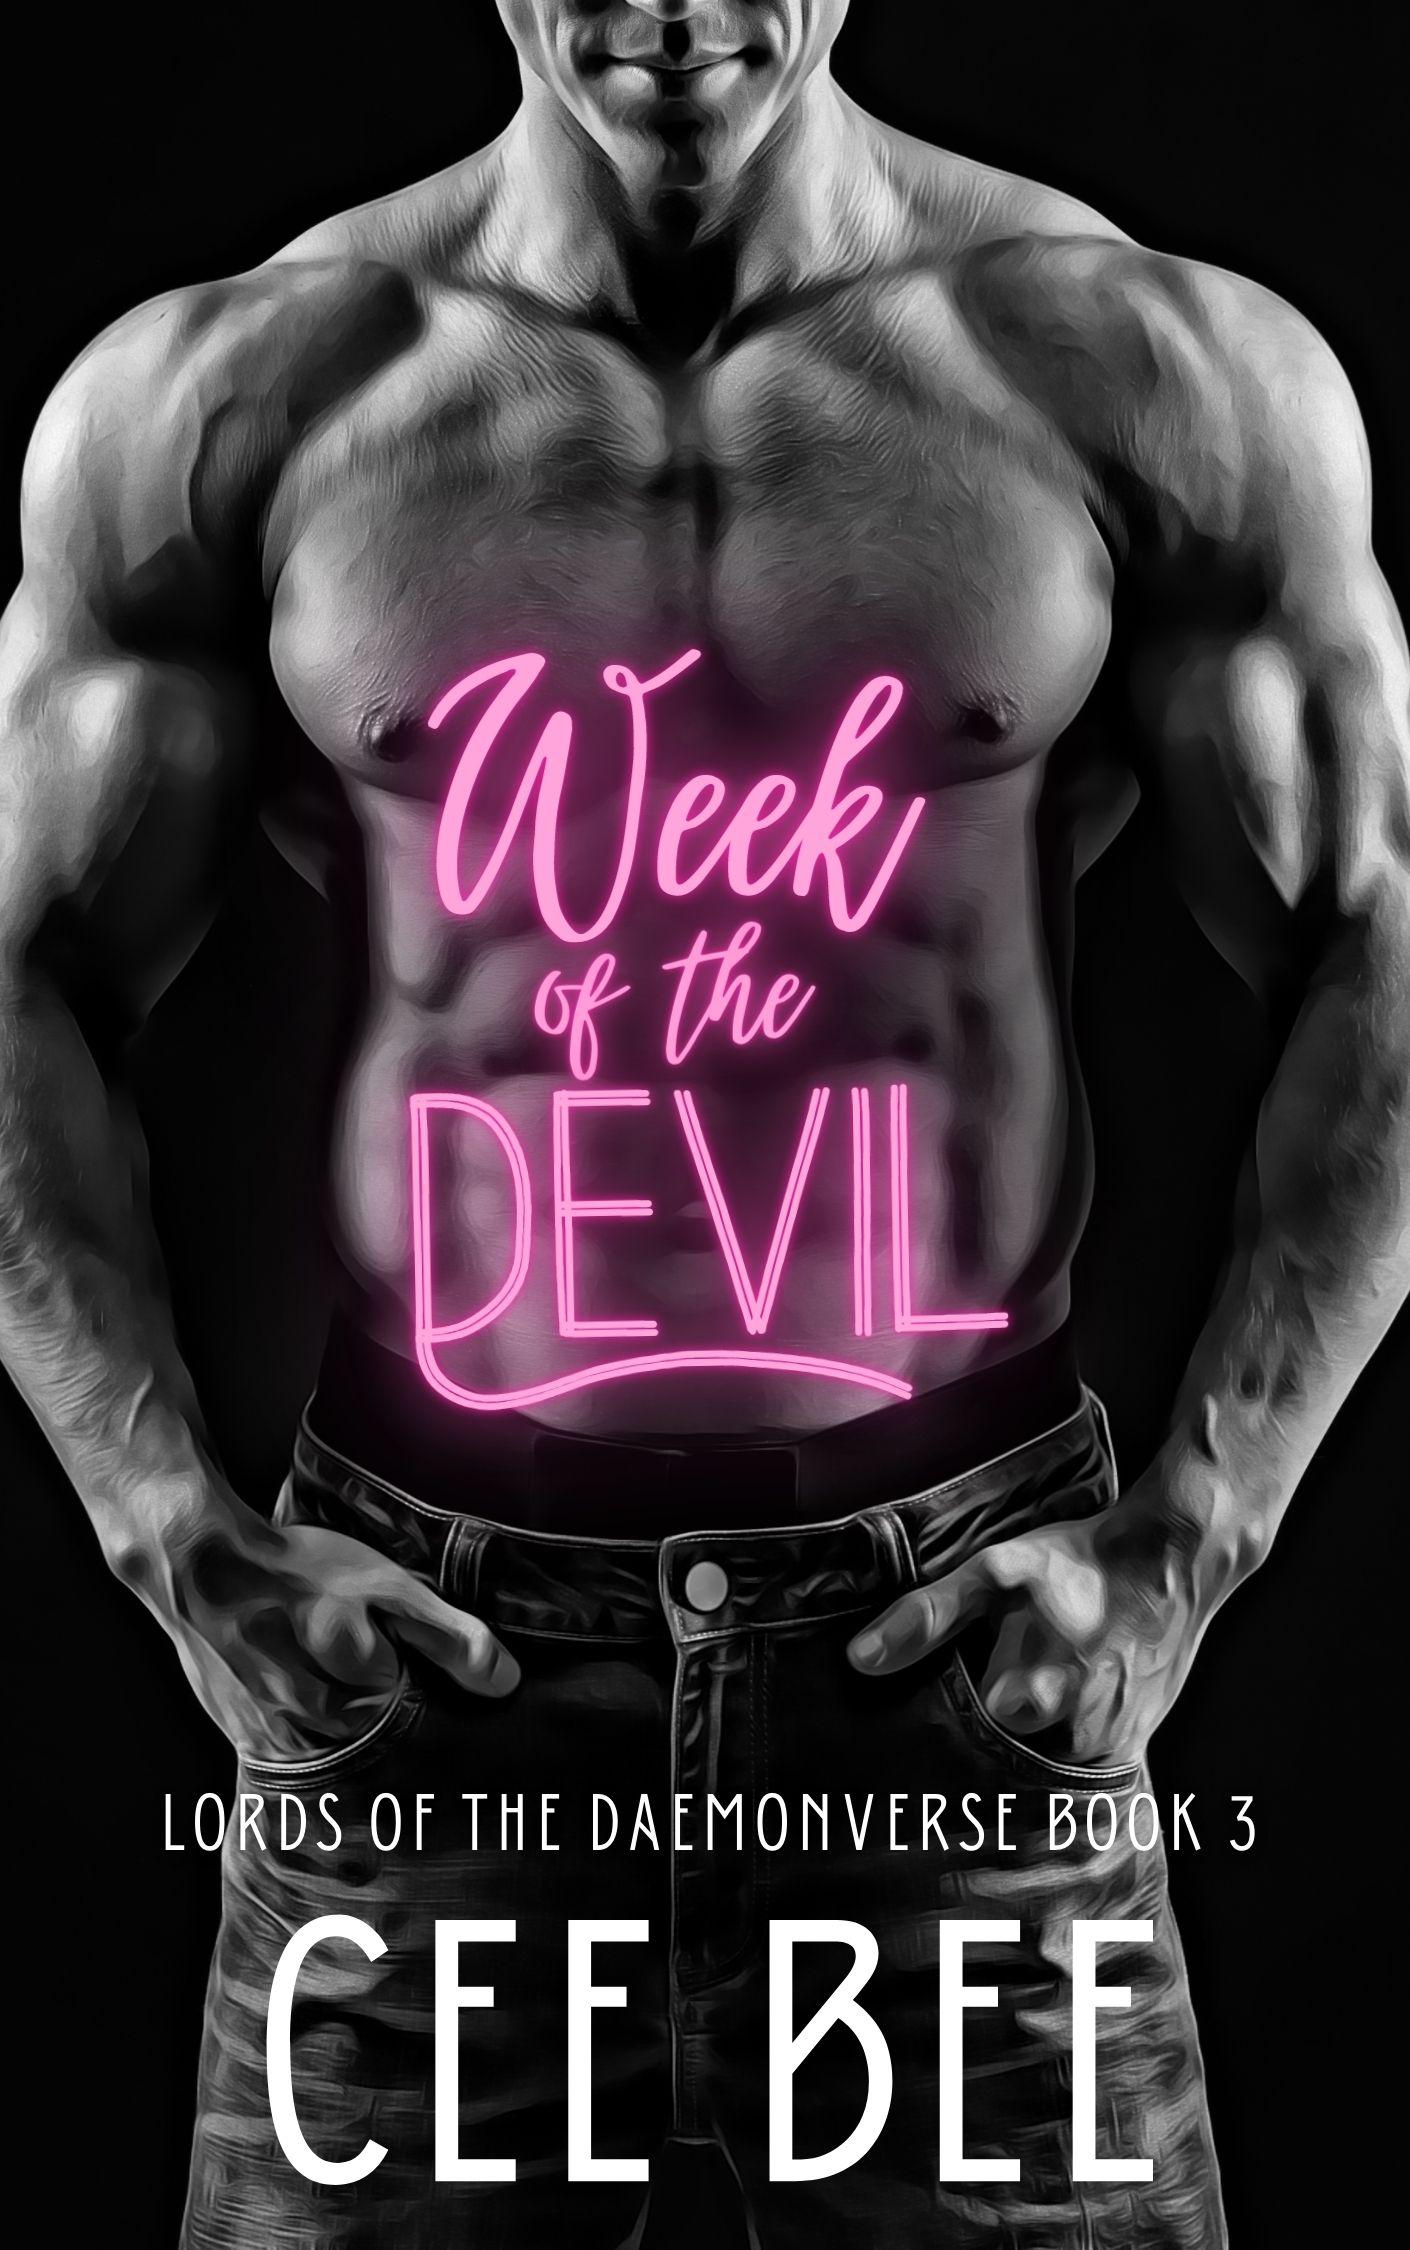 Week of the devil